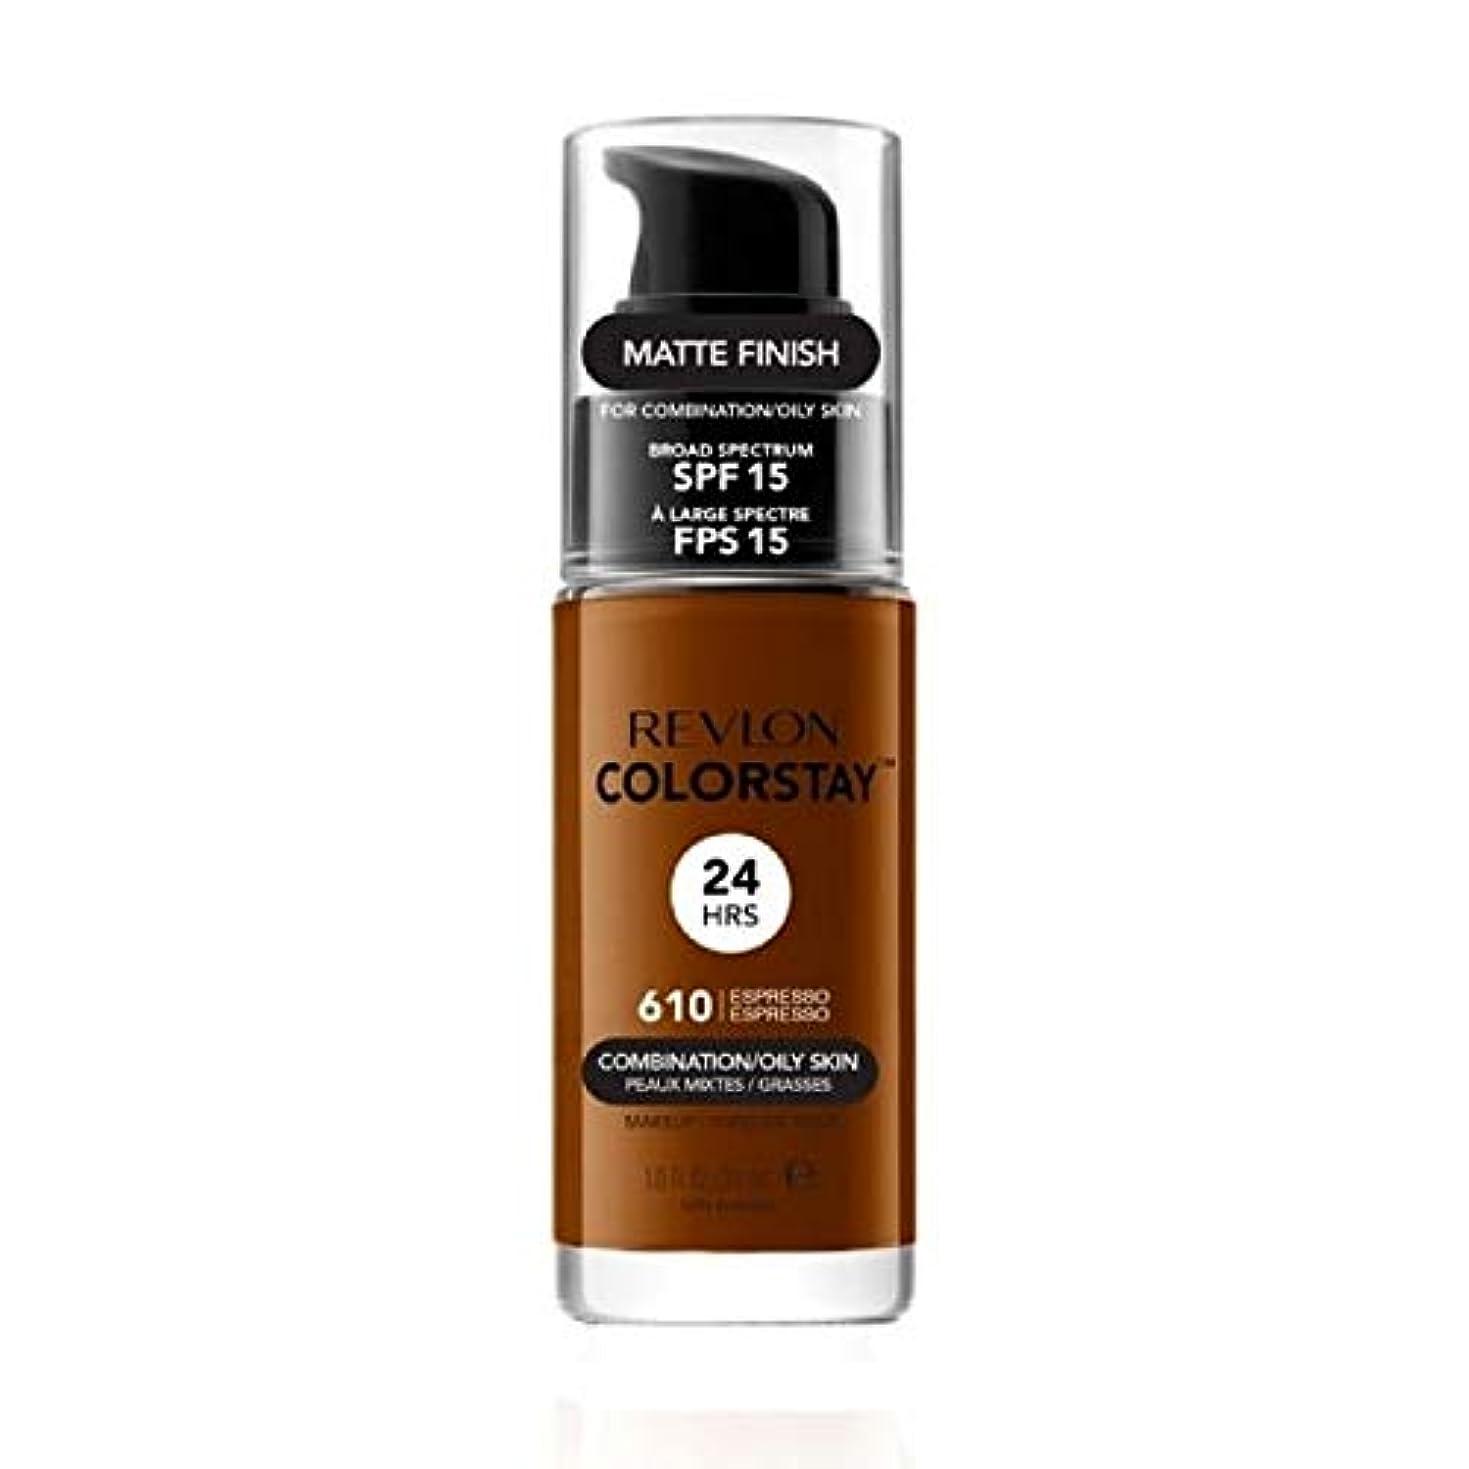 ガウンテレックス照らす[Revlon ] レブロンColorstayの基盤コンビオイリー肌の30ミリリットルのエスプレッソ - Revlon Colorstay Foundation Combi Oily skin 30ml Espresso...